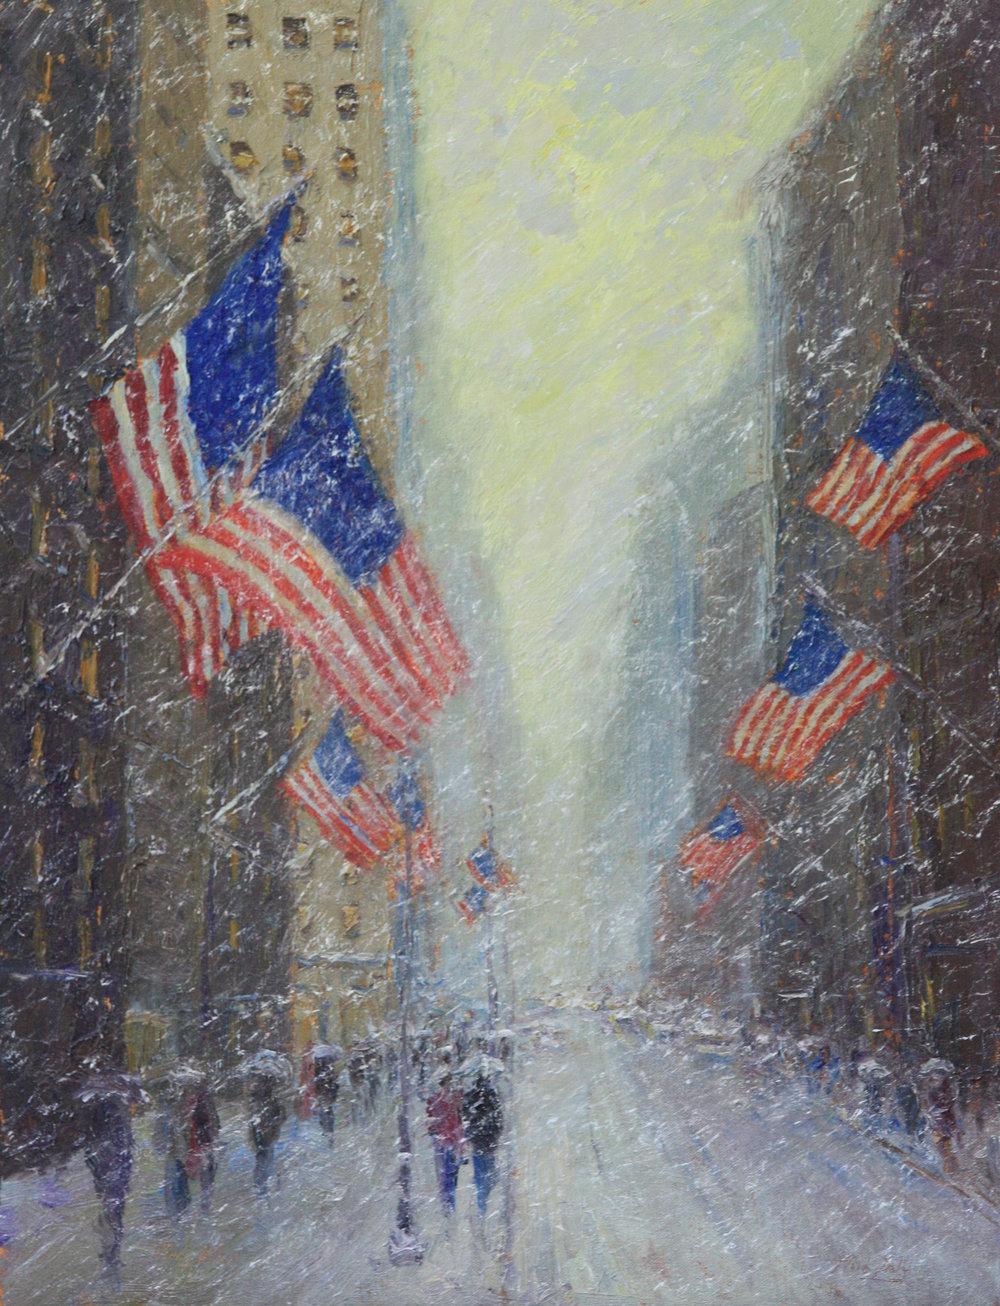 Flag's President's Day